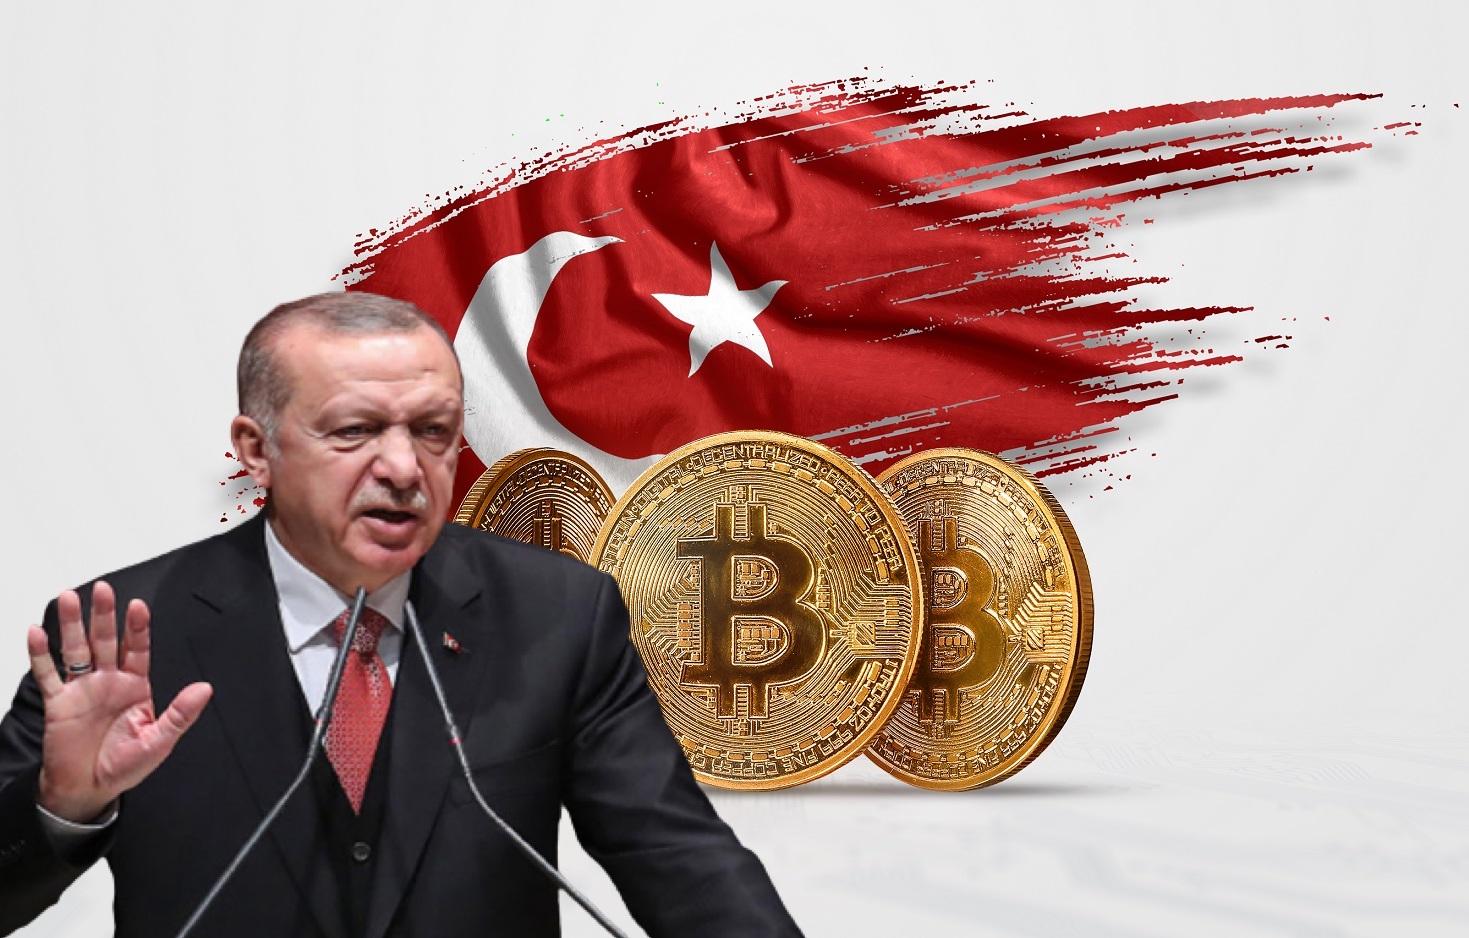 土耳其總統 :「我們正在與加密貨幣交戰!」保衛傳統法幣,央行啟動數位貨幣試點